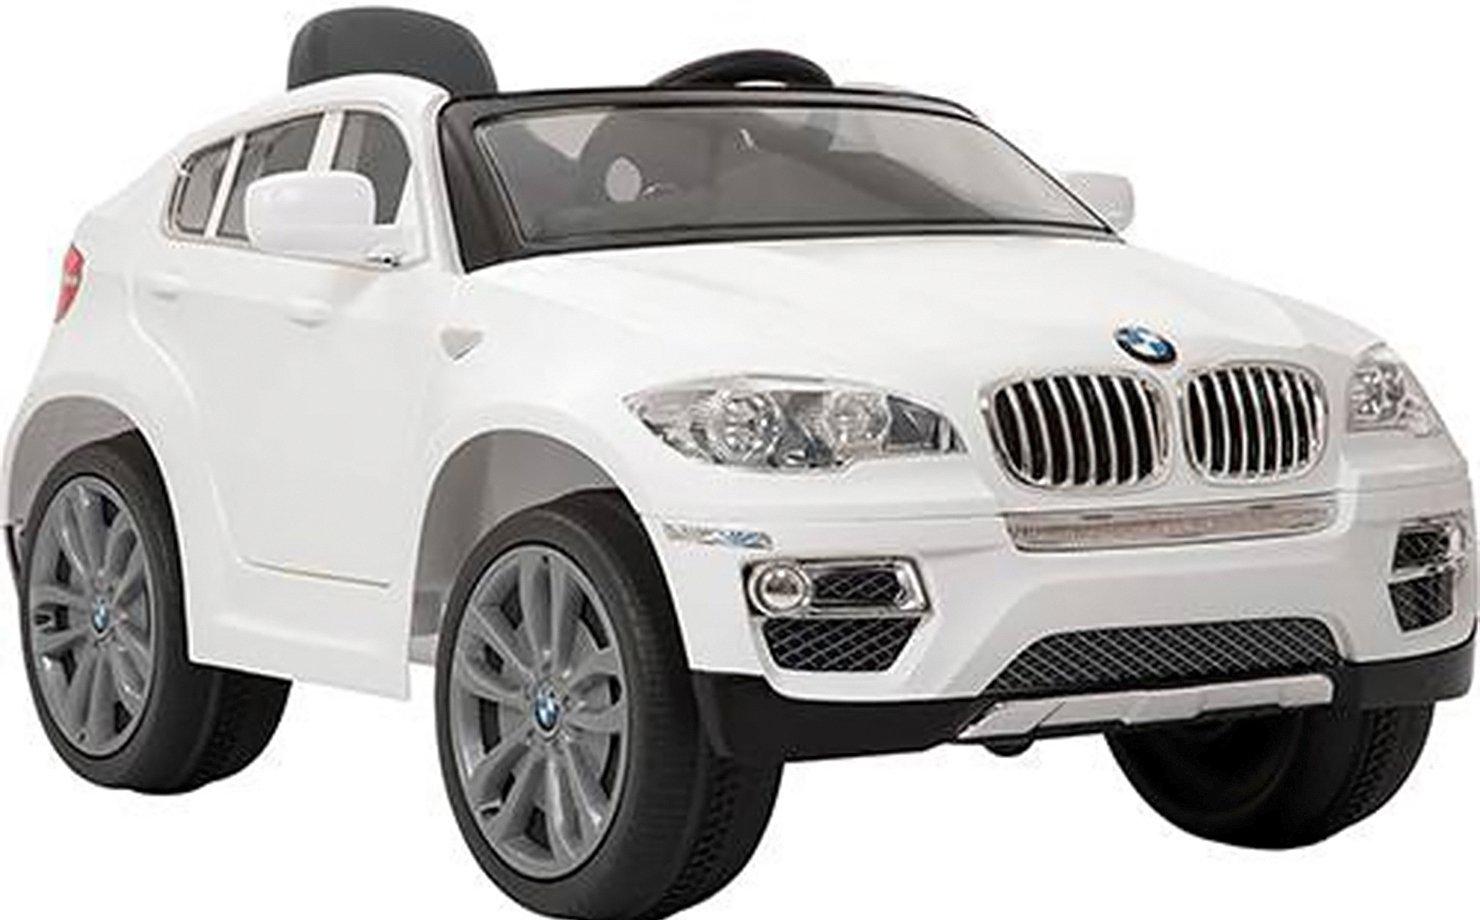 Carro Elétrico BMW X6 Branca RC 6V da Bandeirante, vendida por R$ 2.499 no site da Americanas